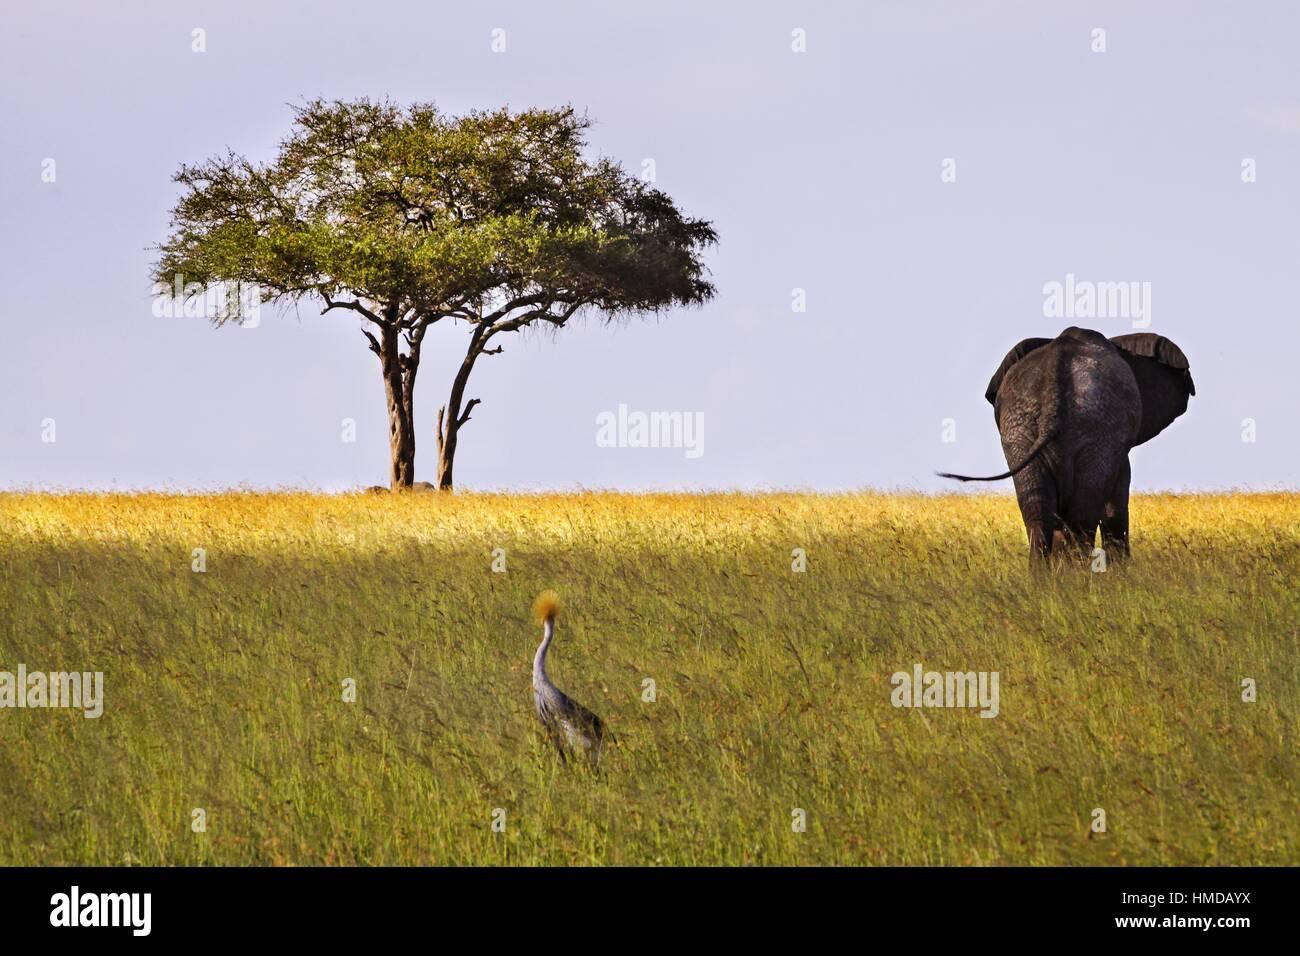 Serengeti Nationalpark in Tansania Landschaft mit entfernten isoliert Akazie und Elephant am Horizont Stockbild